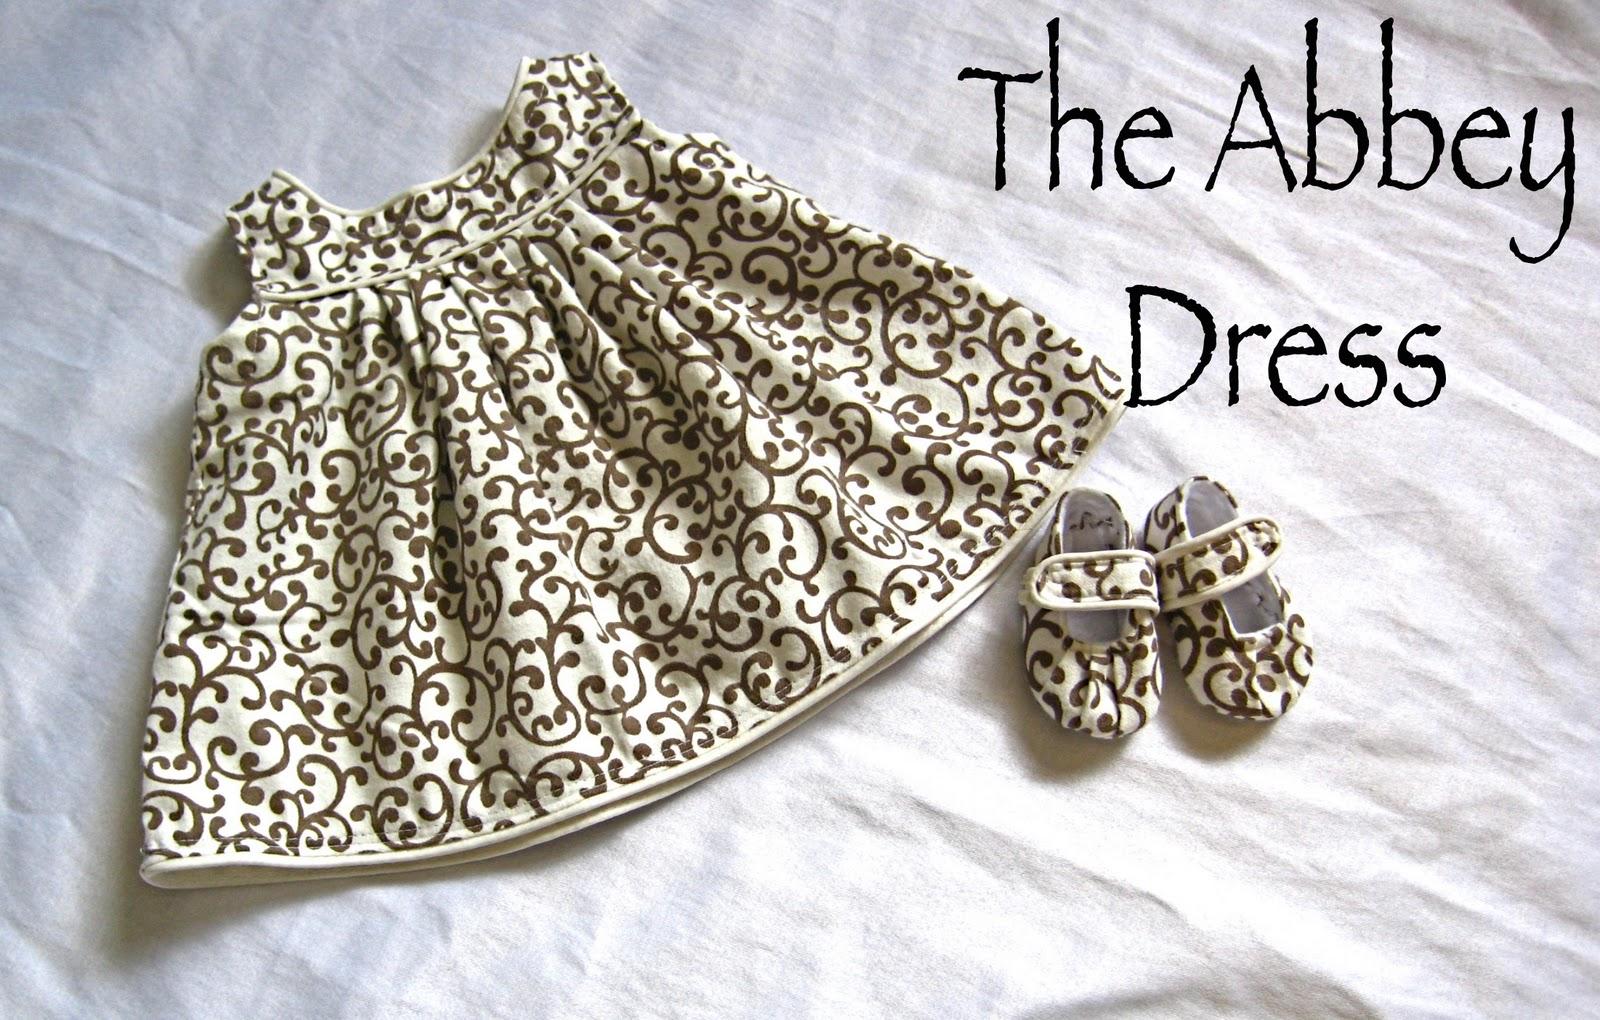 The abbey dress shwin and shwin the abbey dress jeuxipadfo Choice Image